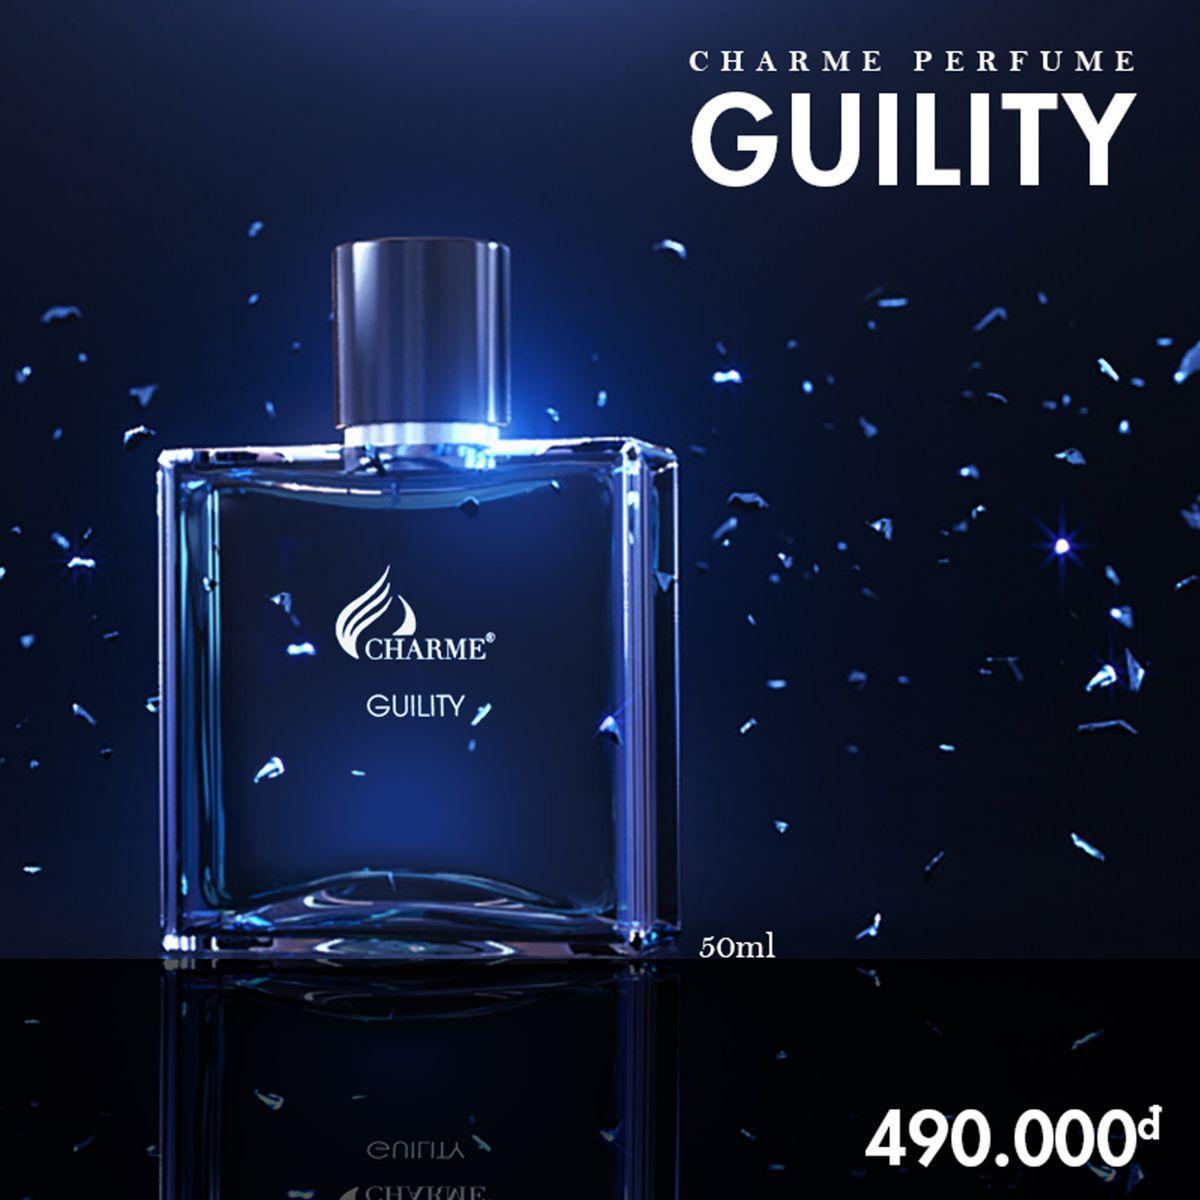 Nước hoa nam Guility - NAM TÍNH, ĐẲNG CẤP VÀ SANG TRỌNG (50ML) chính hãng